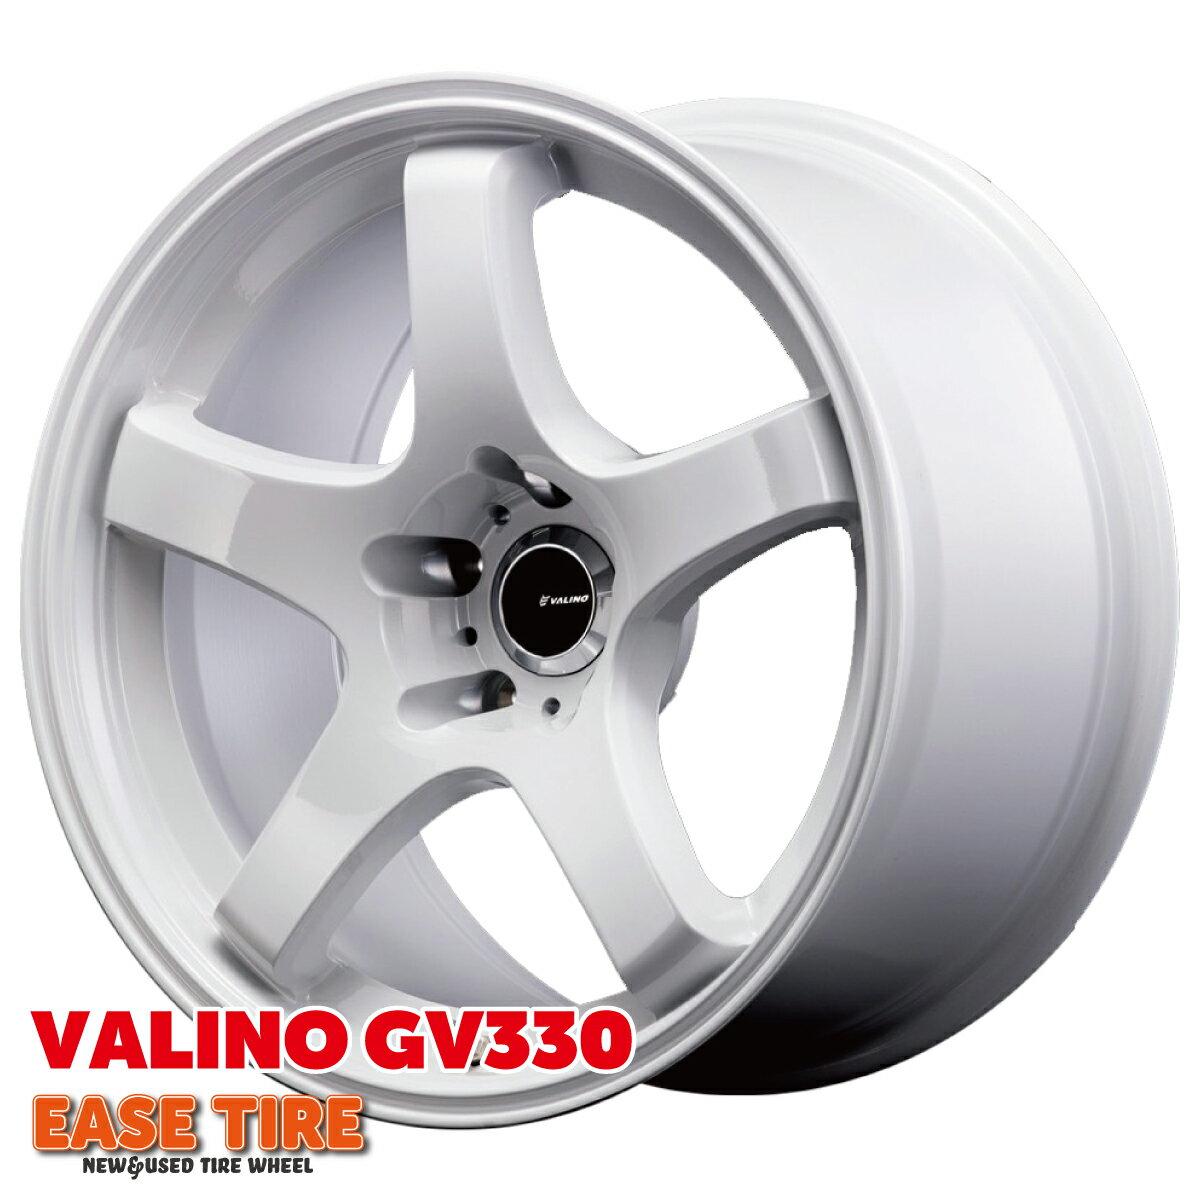 タイヤ・ホイール, ホイール 179.5J 15 114.3 5H VALINO GV330 1 4